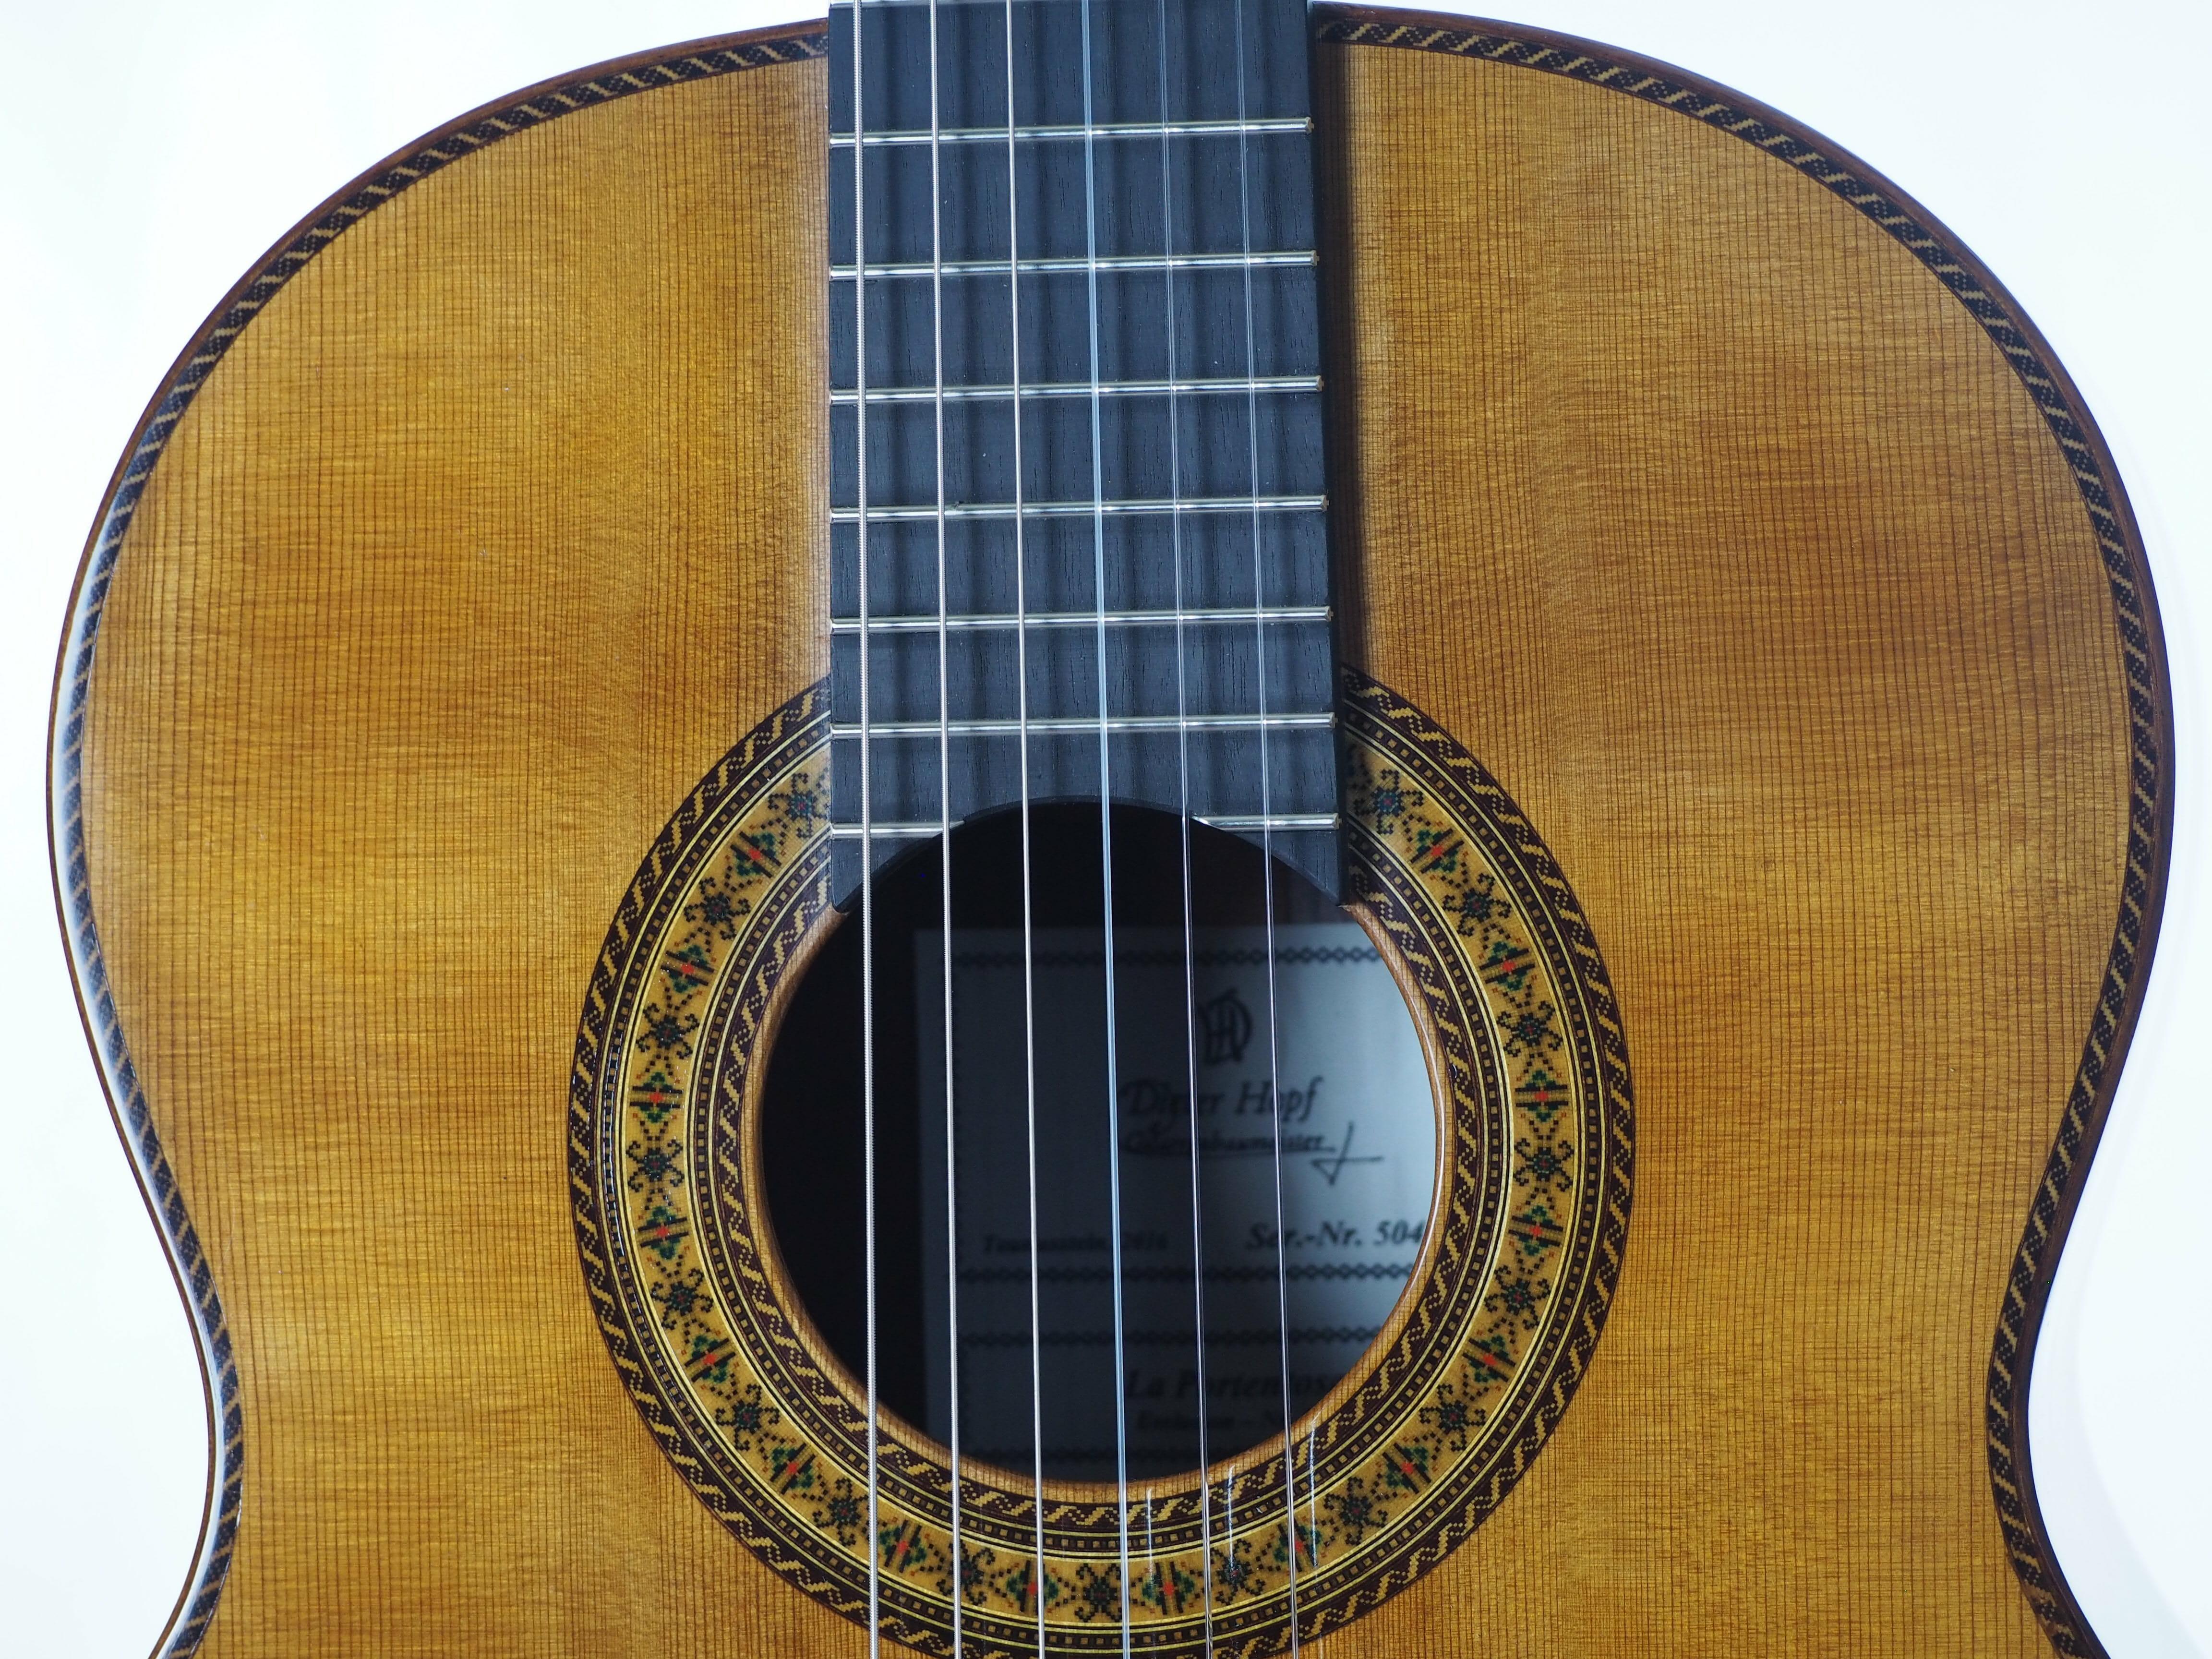 Dieter Hopf Portentosa evolucion 5043 guitare classique luthier lattice